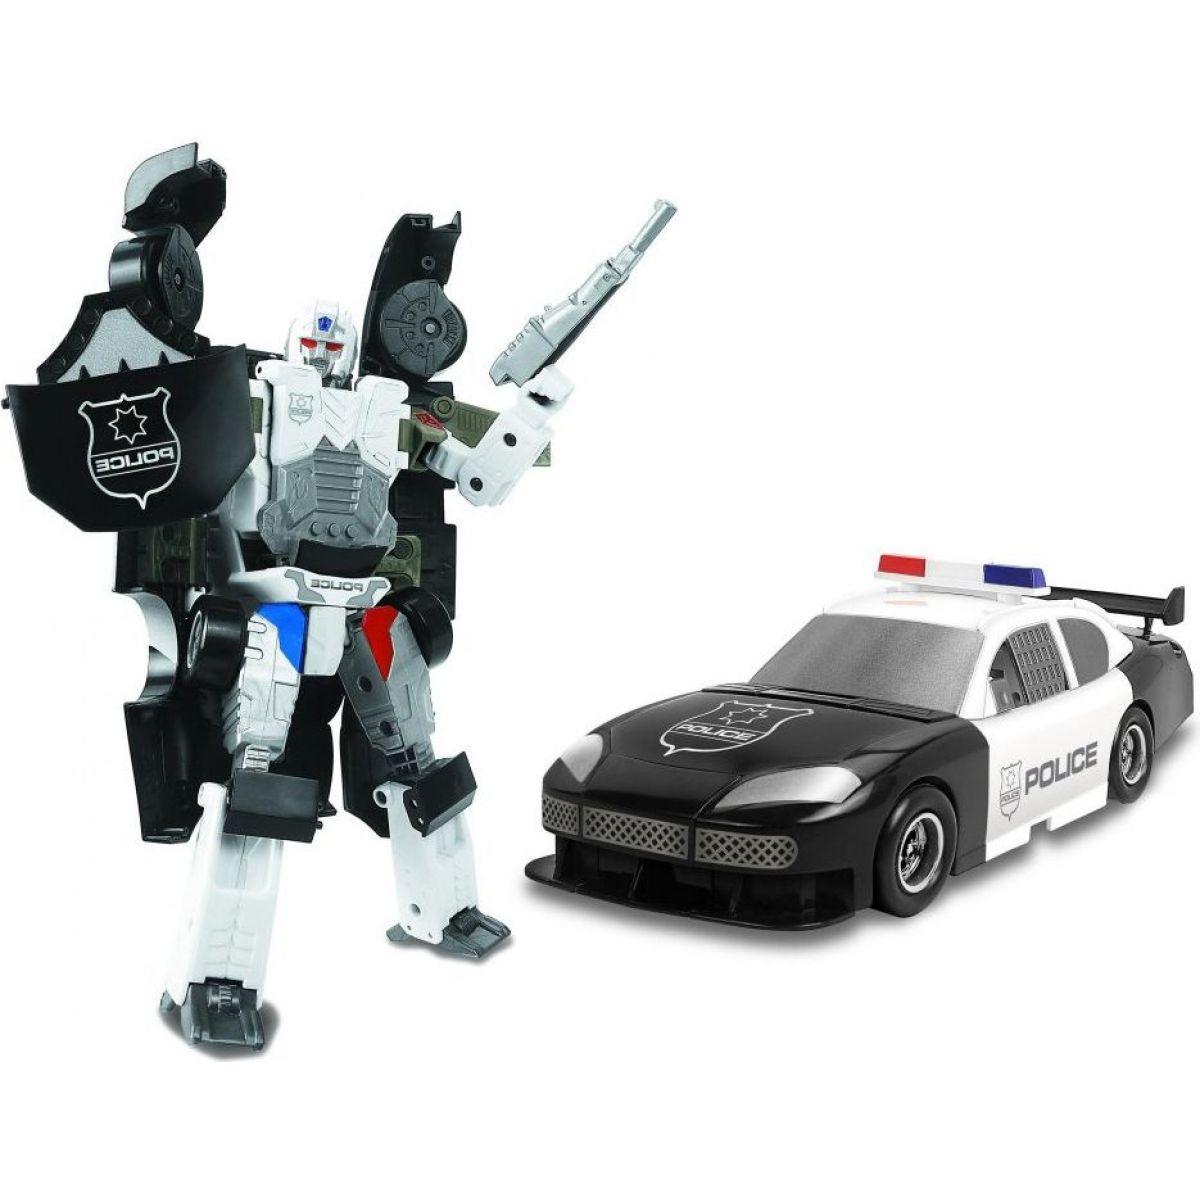 Hm Studio X Bot Policie 23cm